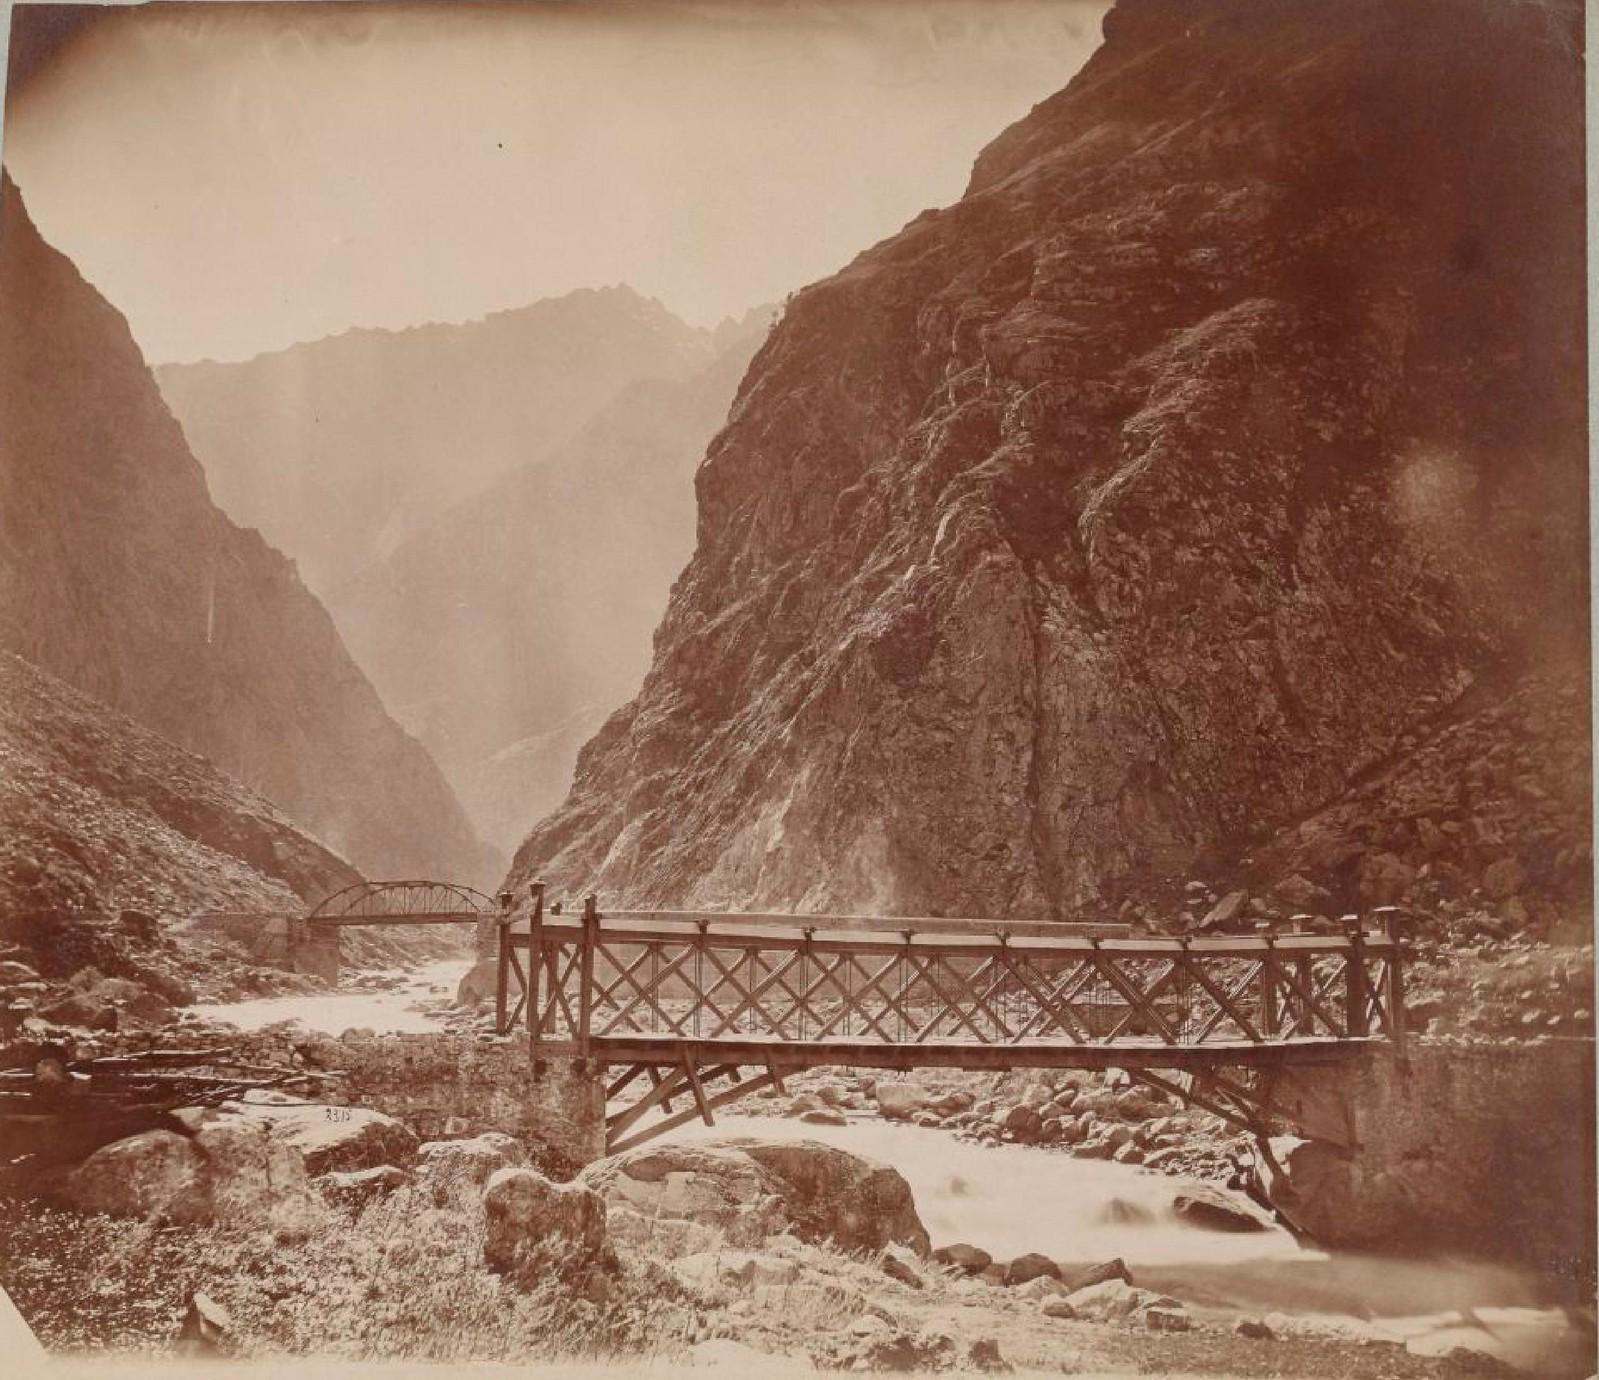 06. Мост в Дарьяльском ущелье